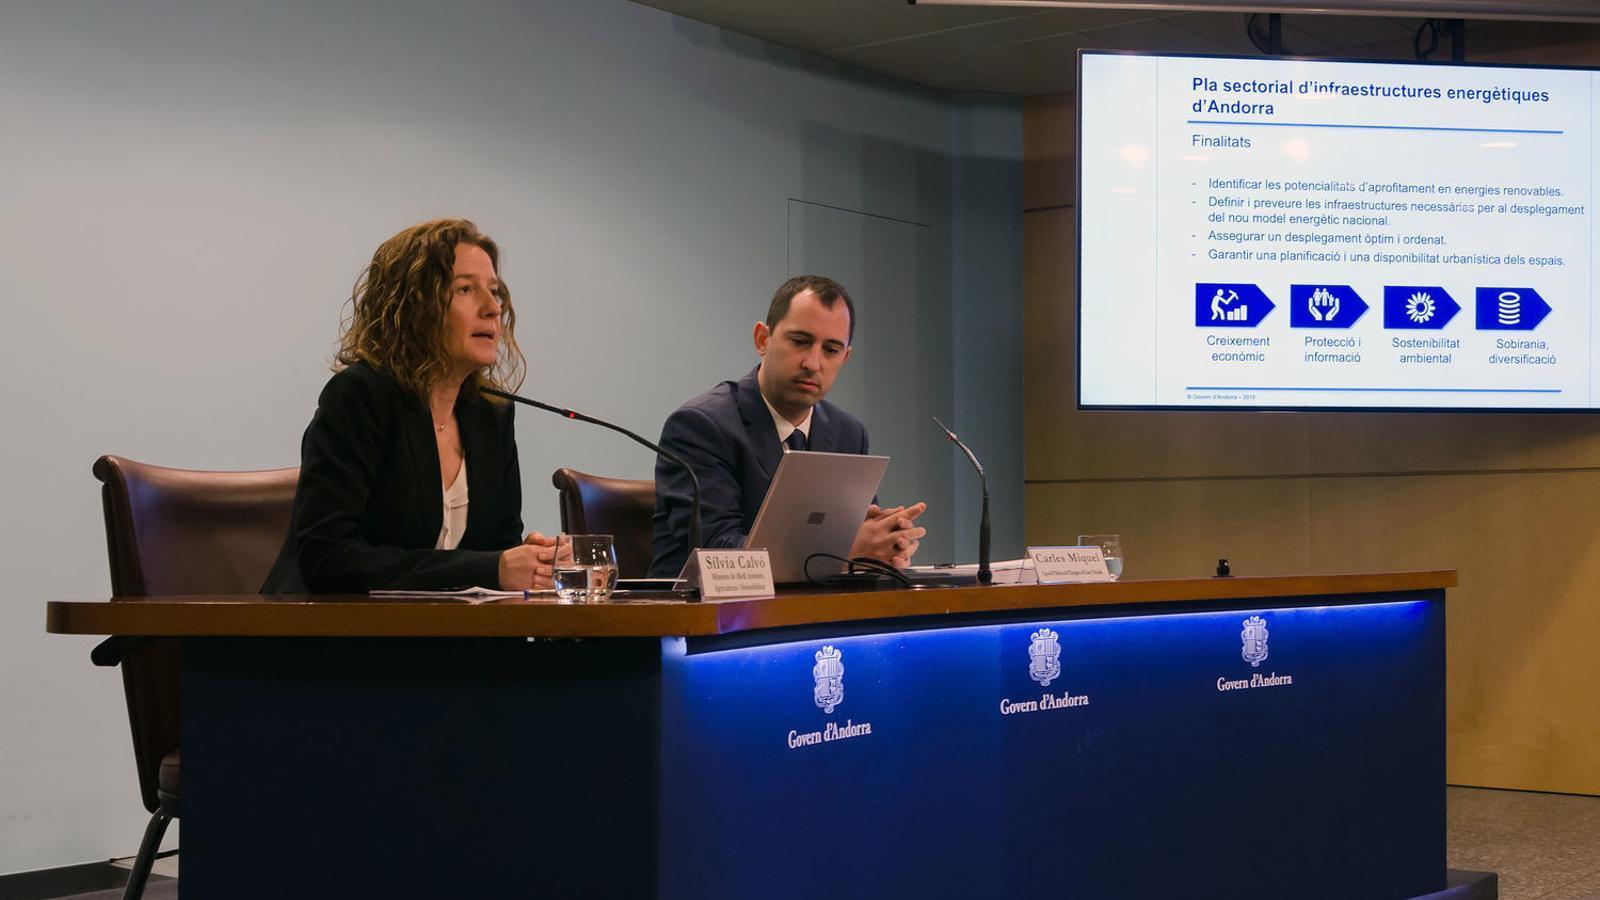 La ministra de Medi Ambient, Agricultura i Sostenibilitat, Sílvia Calvó, i el cap de l'Oficina de l'energia i el canvi climàtic, Carles Miquel, en la presentació del Pla sectorial d'infraestructures energètiques d'Andorra. / D. R. (ANA)